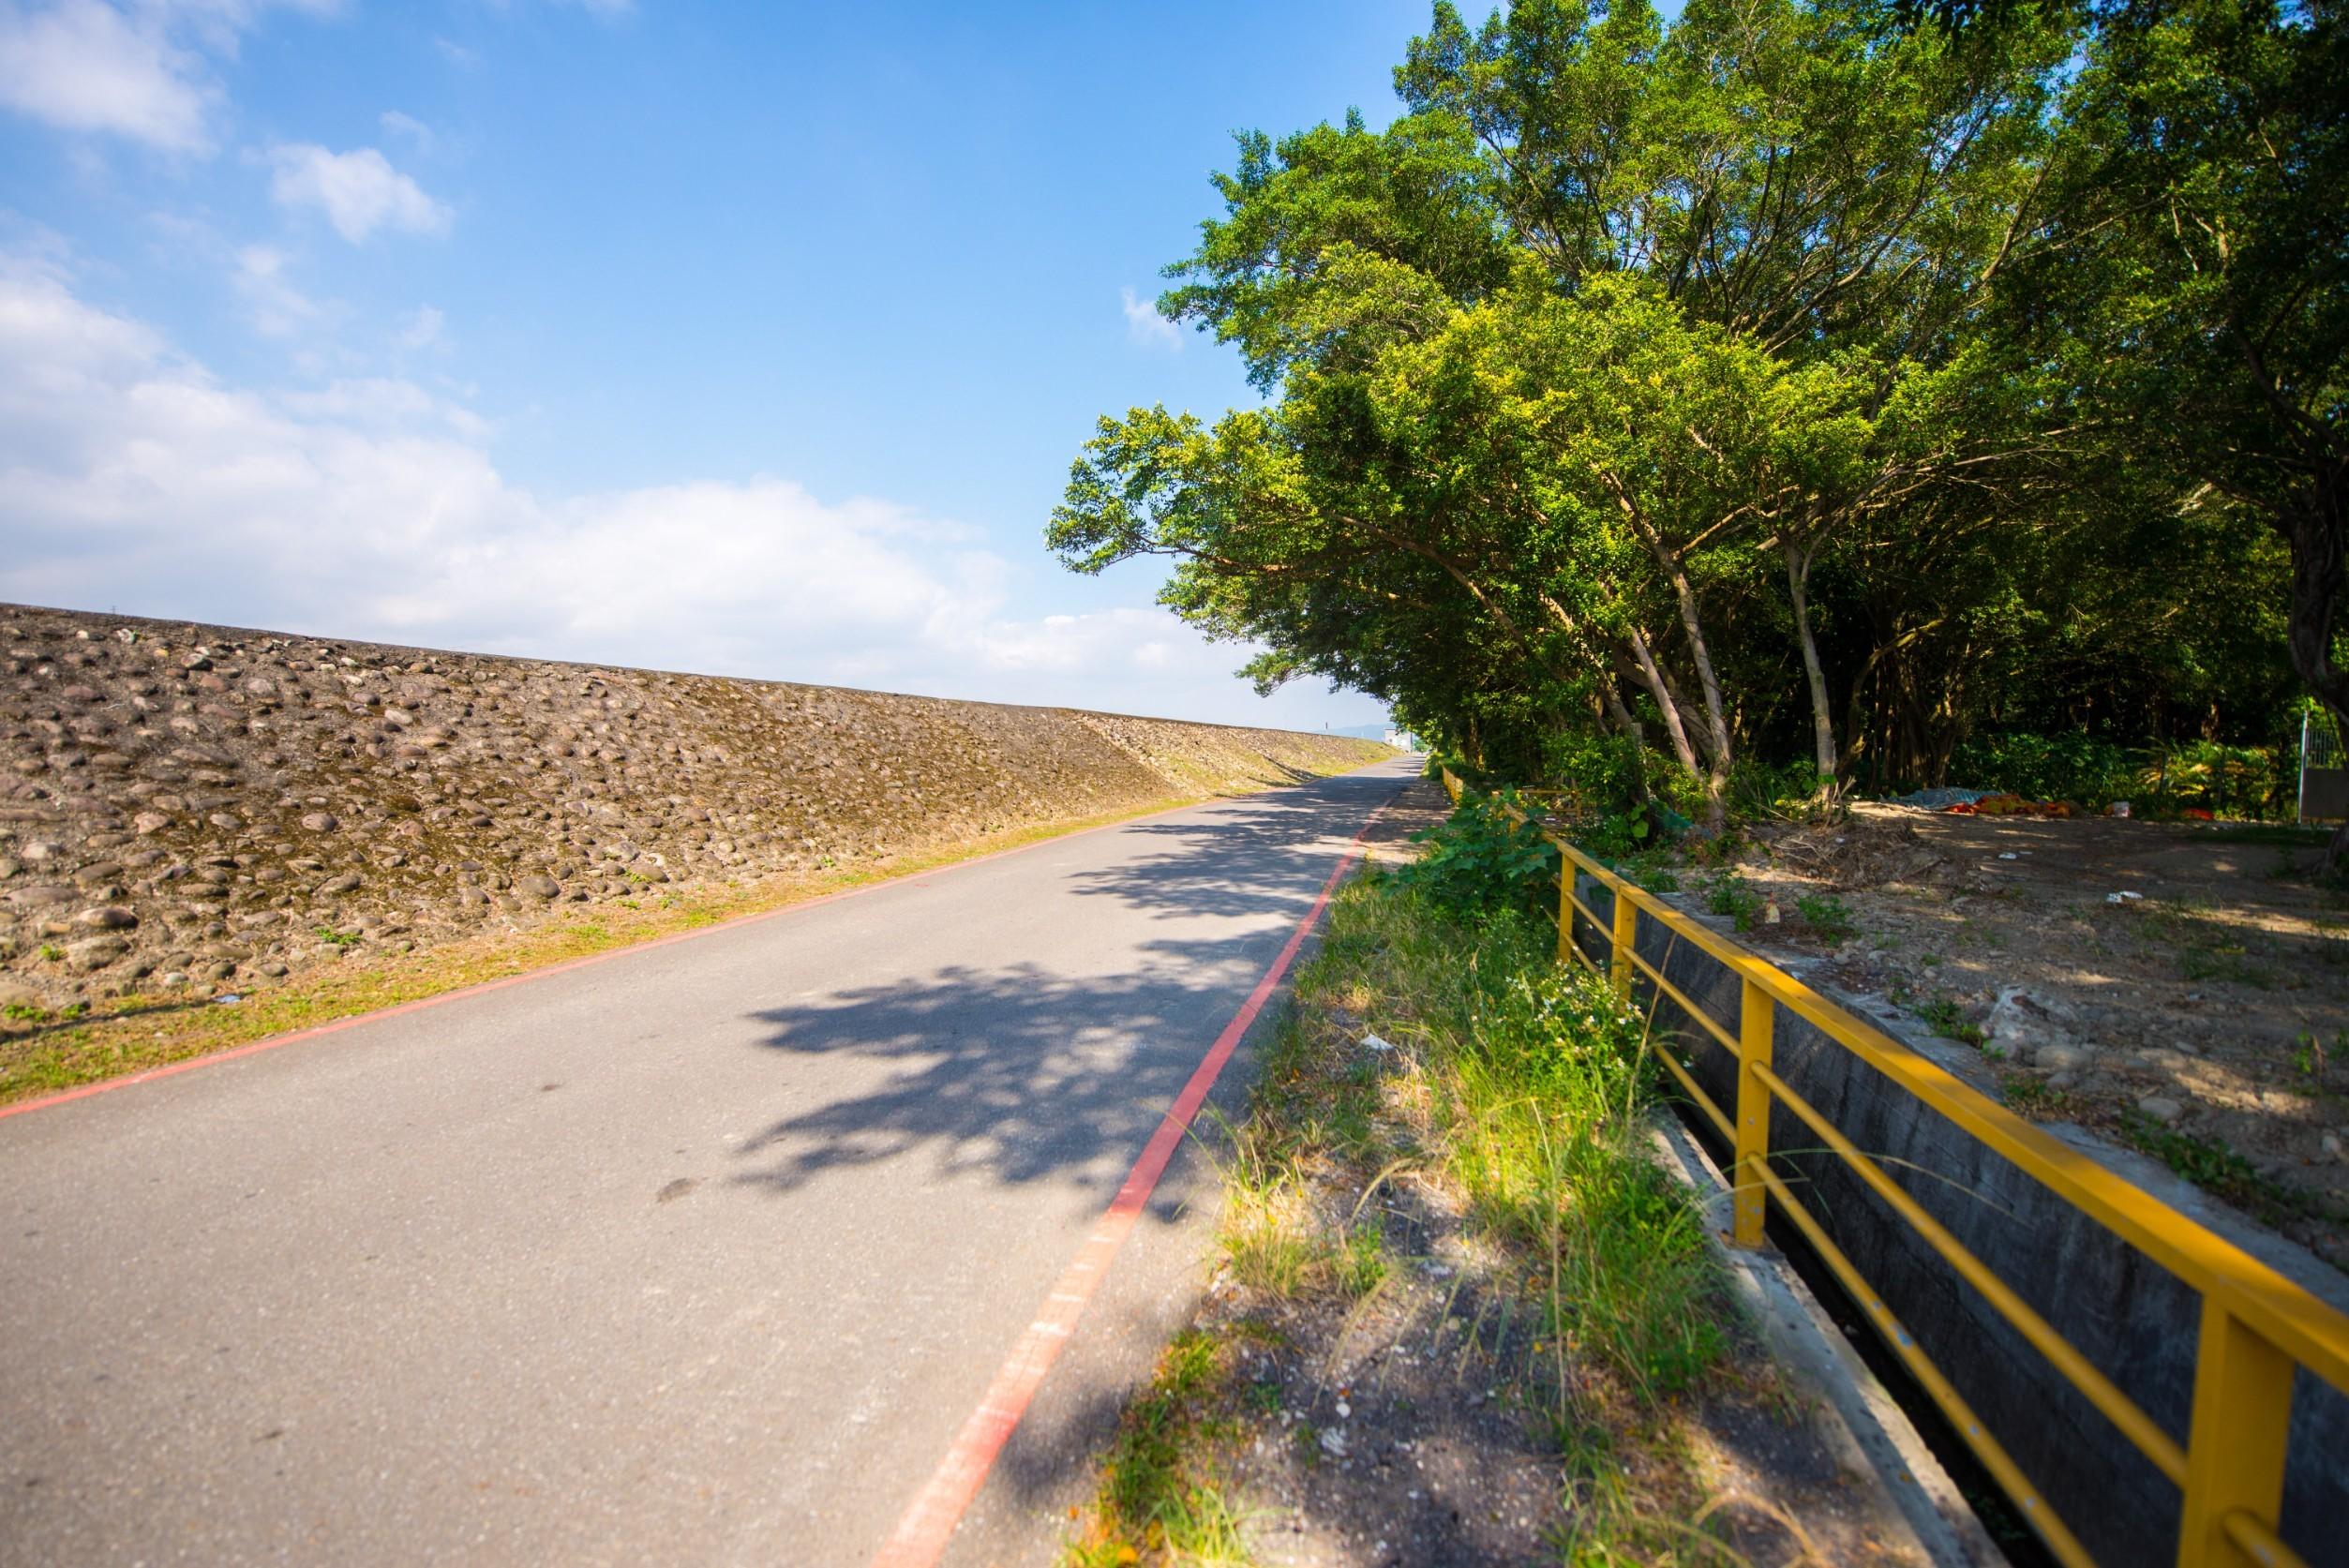 月眉防汛道路拓寬工程預計將既有道路寬度6公尺拓寬為7.5公尺,除維持雙向各1車道外,也利用現況道路旁公有地空間,把道路、植栽、照明、人行步道進行改善,並加強排水工程,改善積水問題